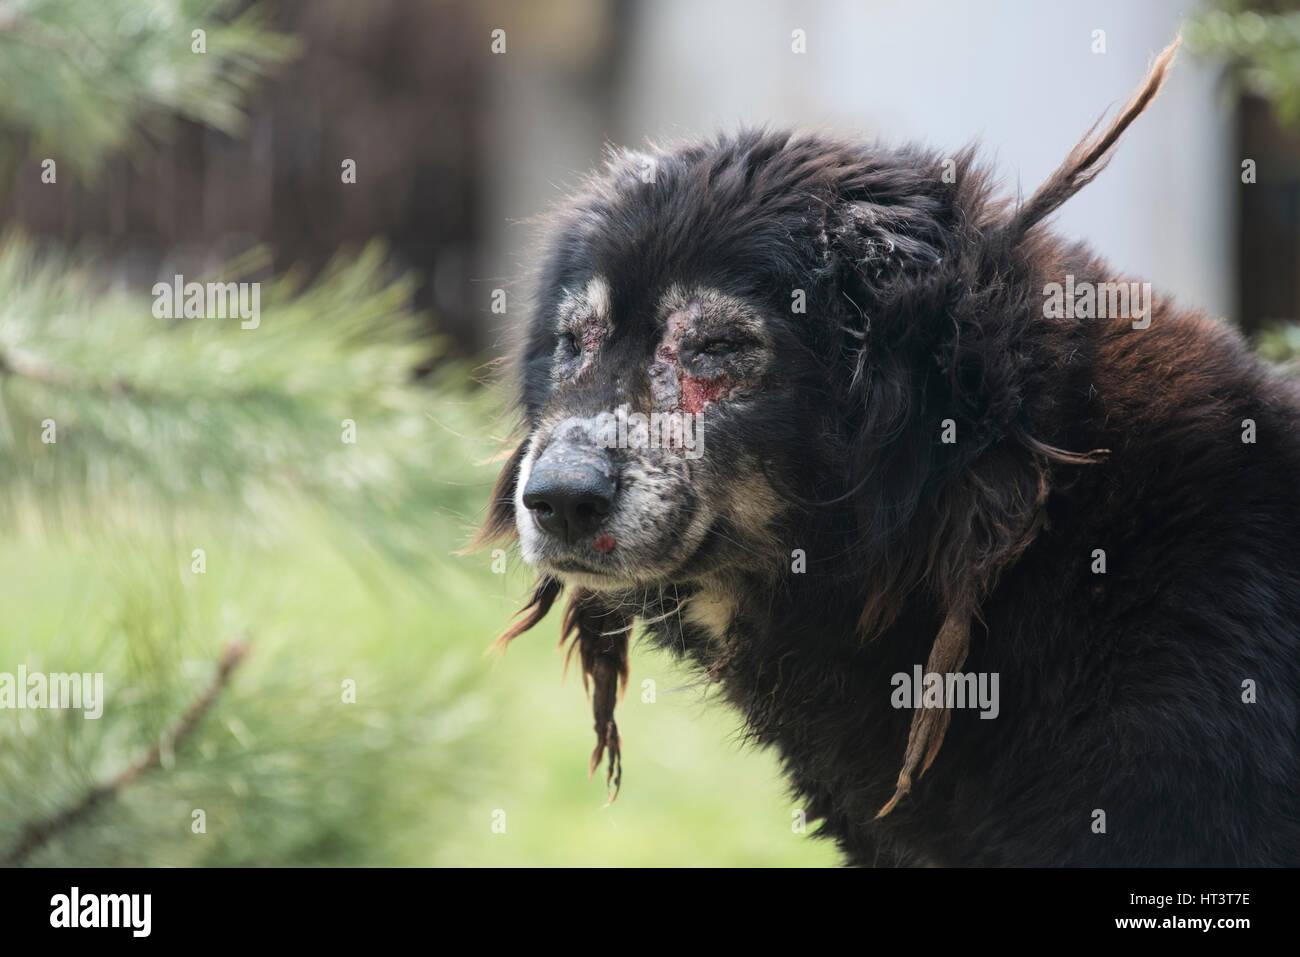 Hund Krank Mit Räude Krätze Stockfoto Bild 135309202 Alamy